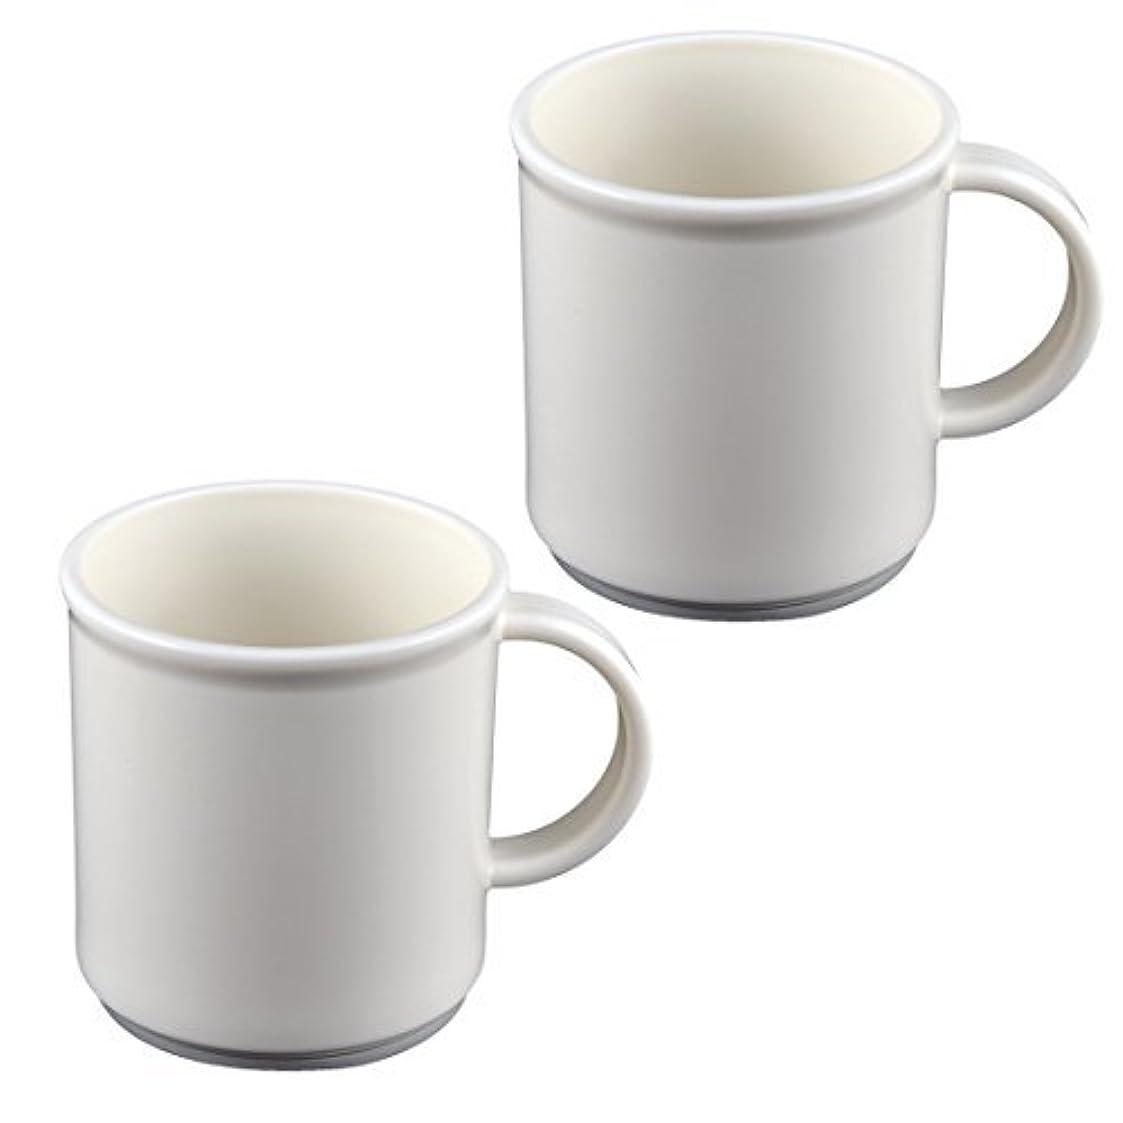 インストール同志サッカーDealMuxバスアクセサリーブラシカップ歯ブラシ歯磨き粉ホルダー2個ホワイト